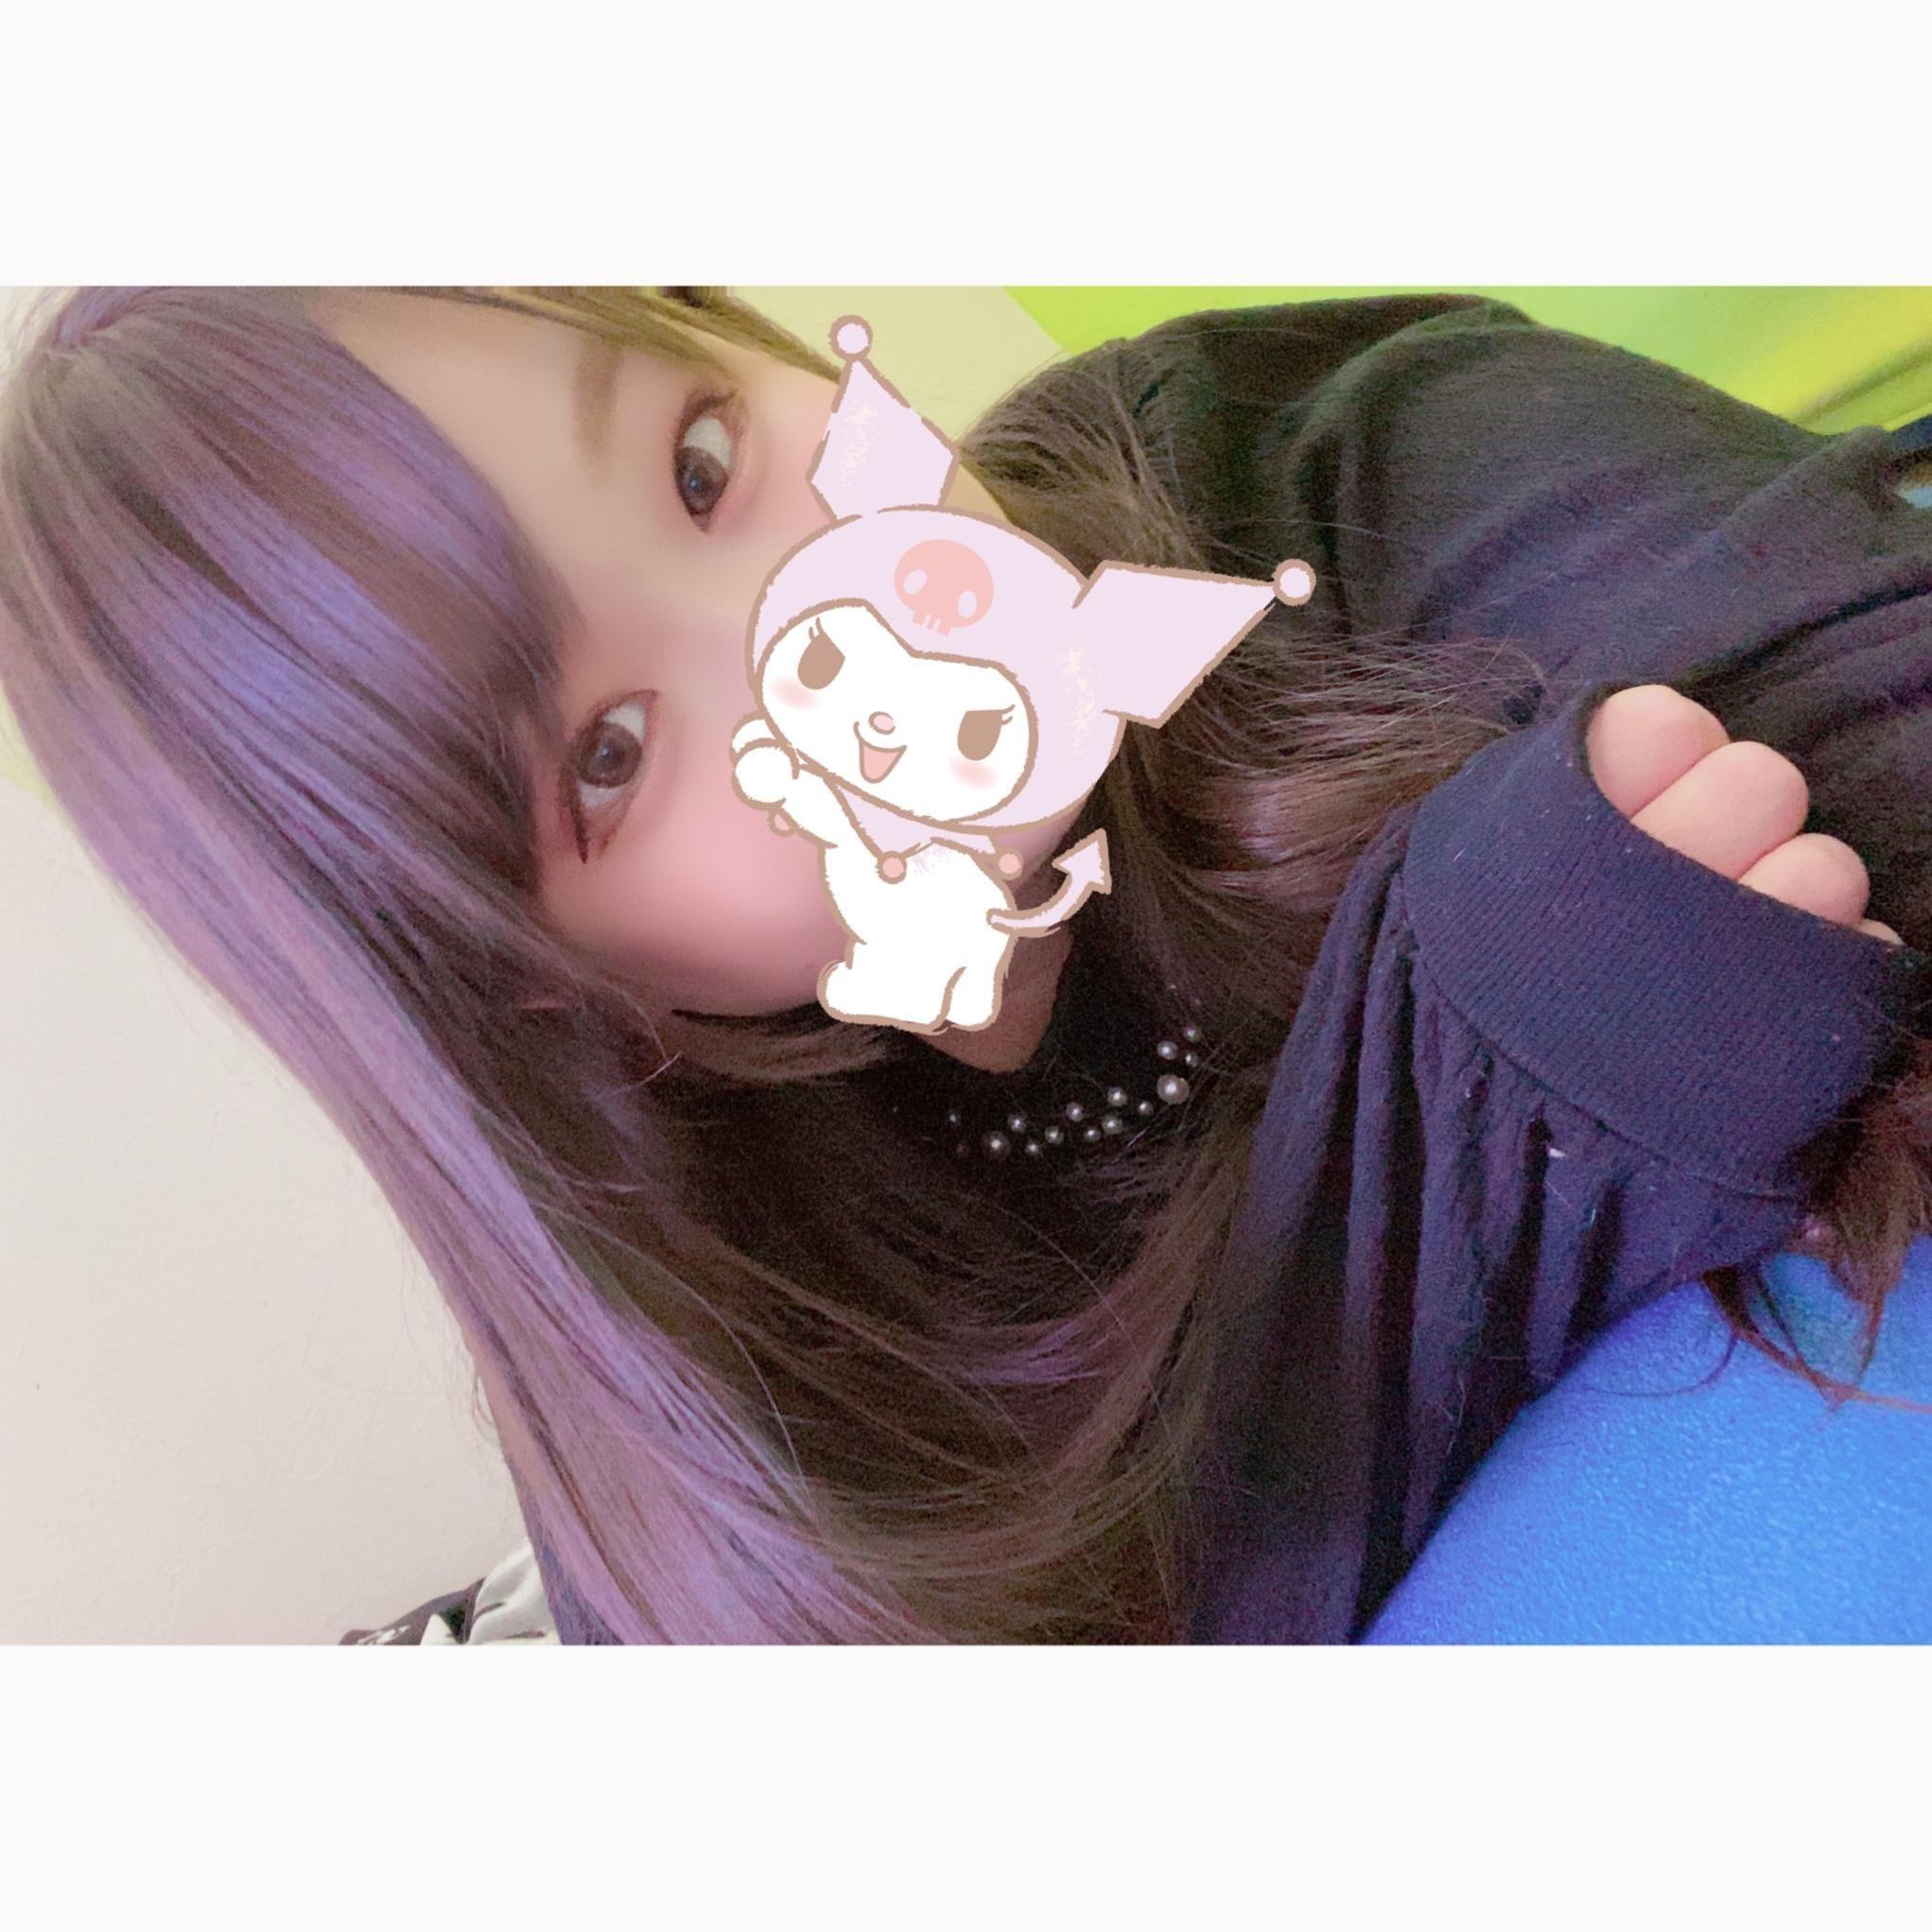 「【ピカピカすっきり】」01/21(木) 15:20   あかりの写メ・風俗動画